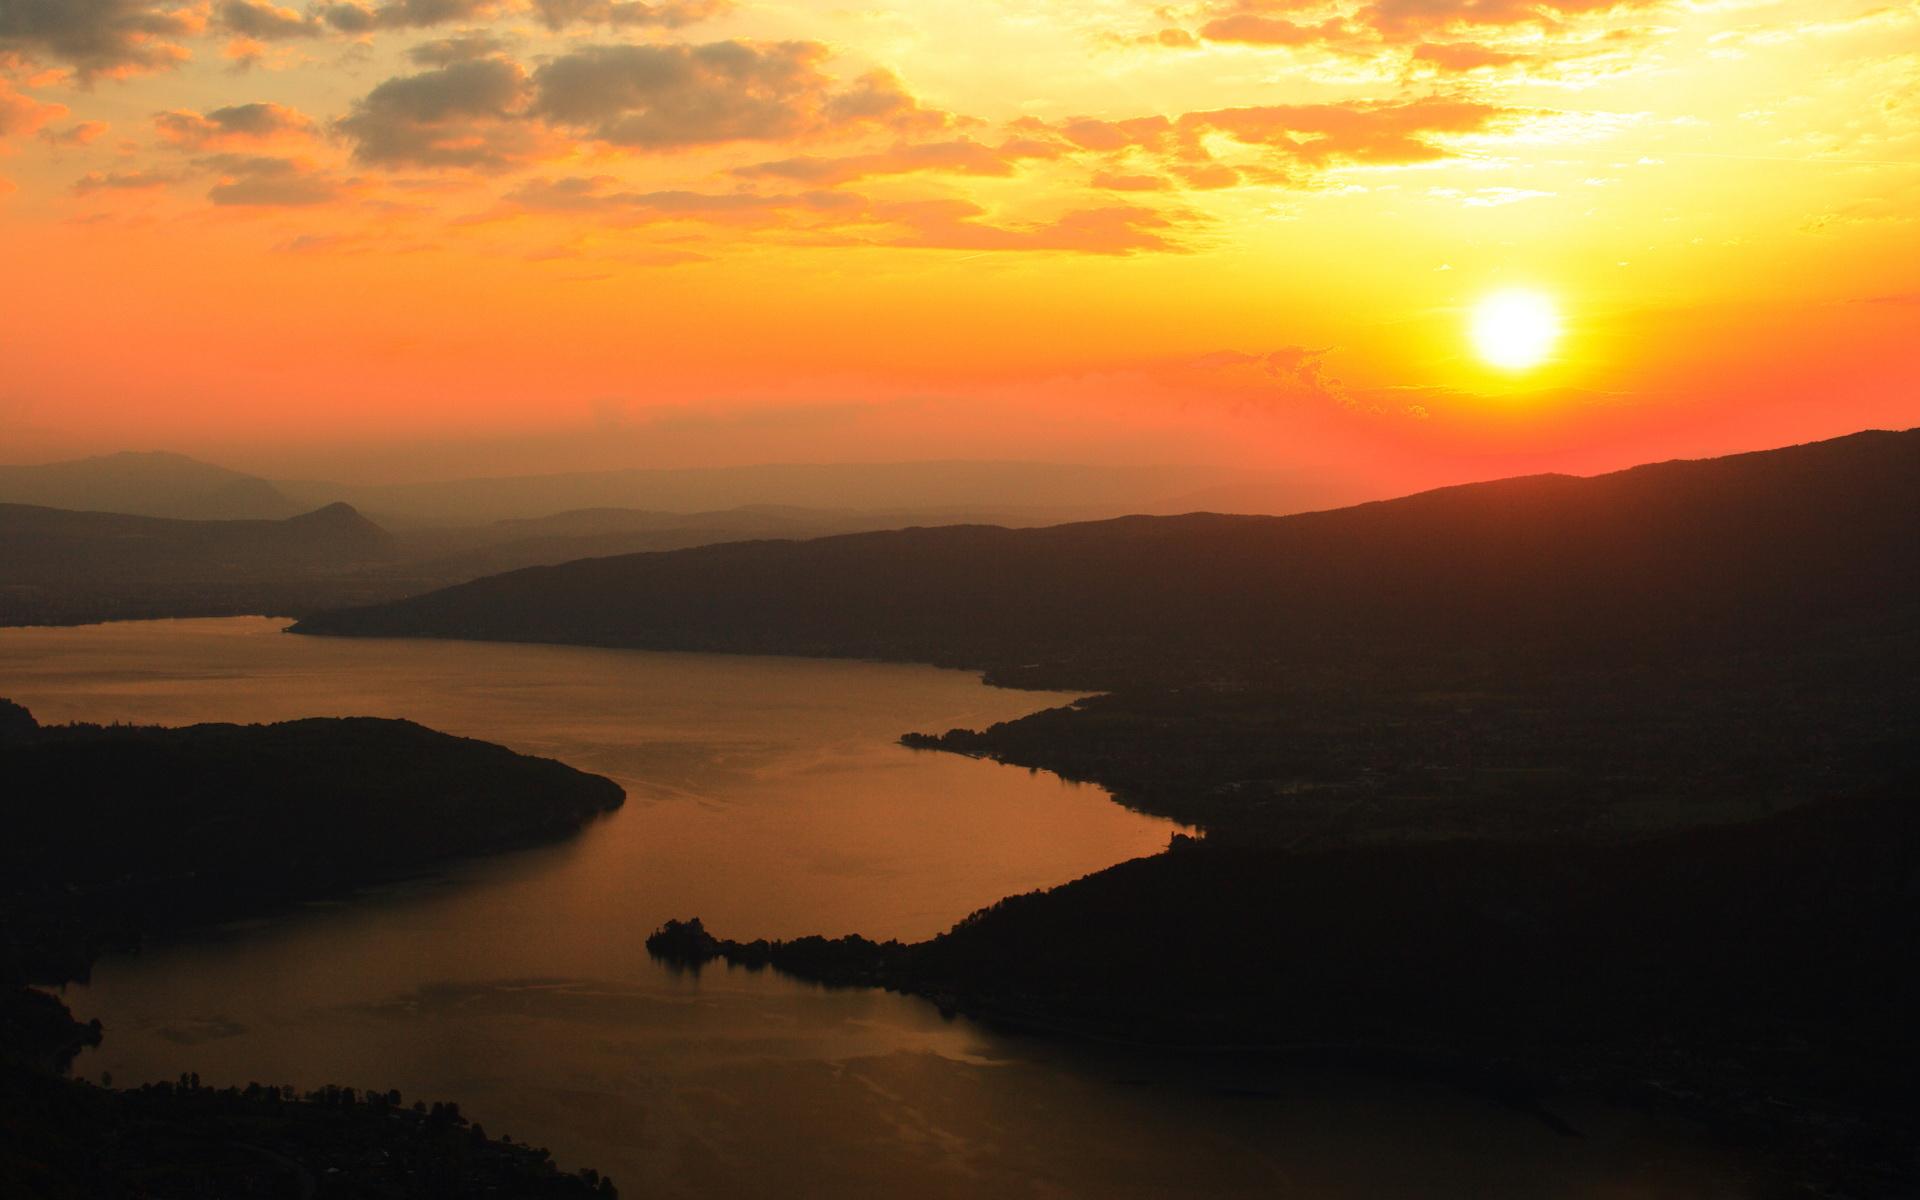 природа облака солнце река бесплатно